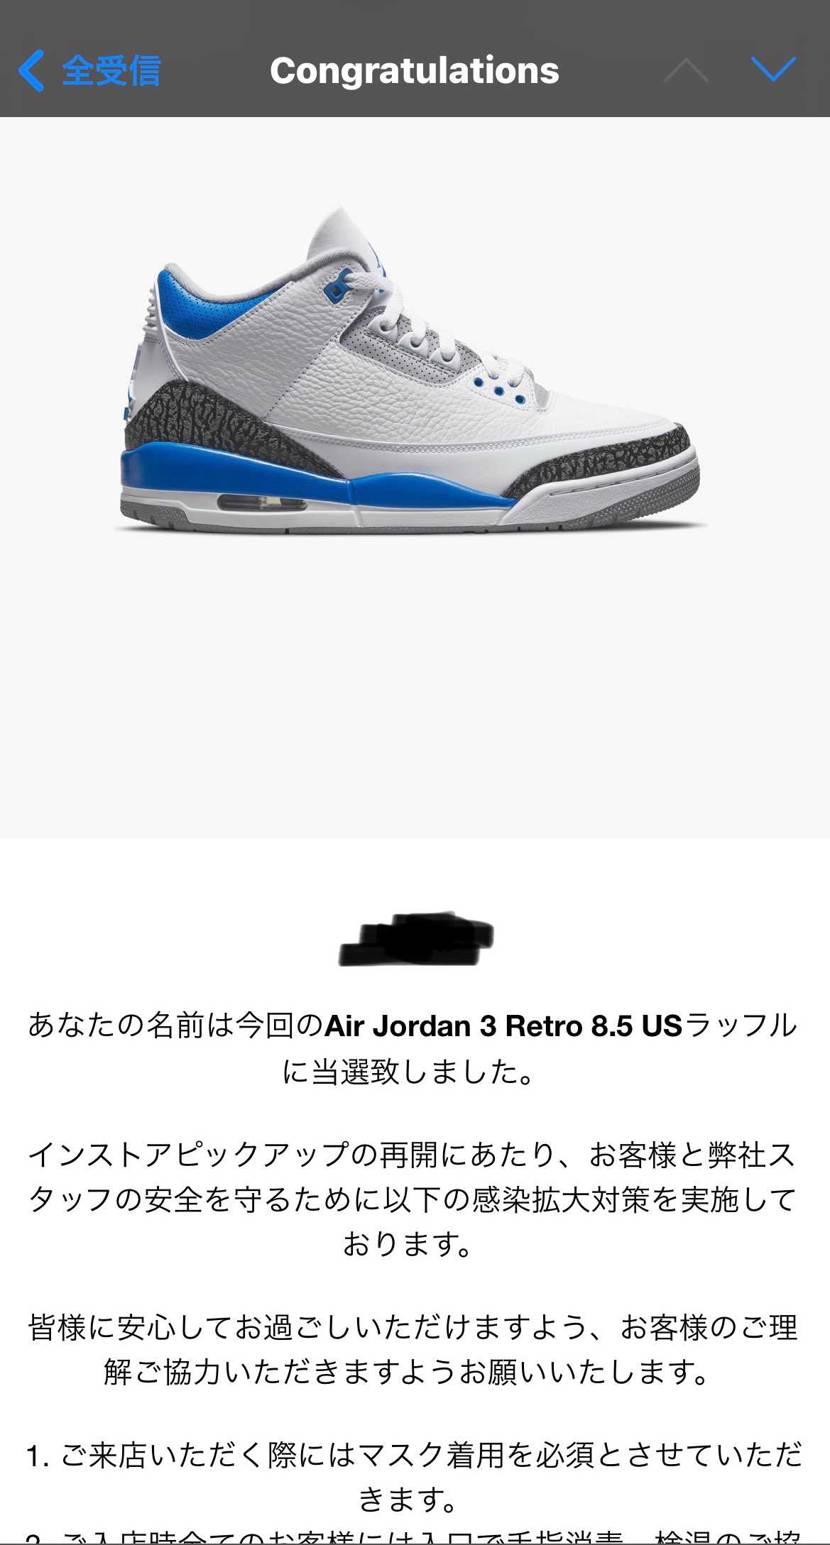 とりあえず1足当たったけど 東京のコロナ増えてるから1500円払ってキャンセル